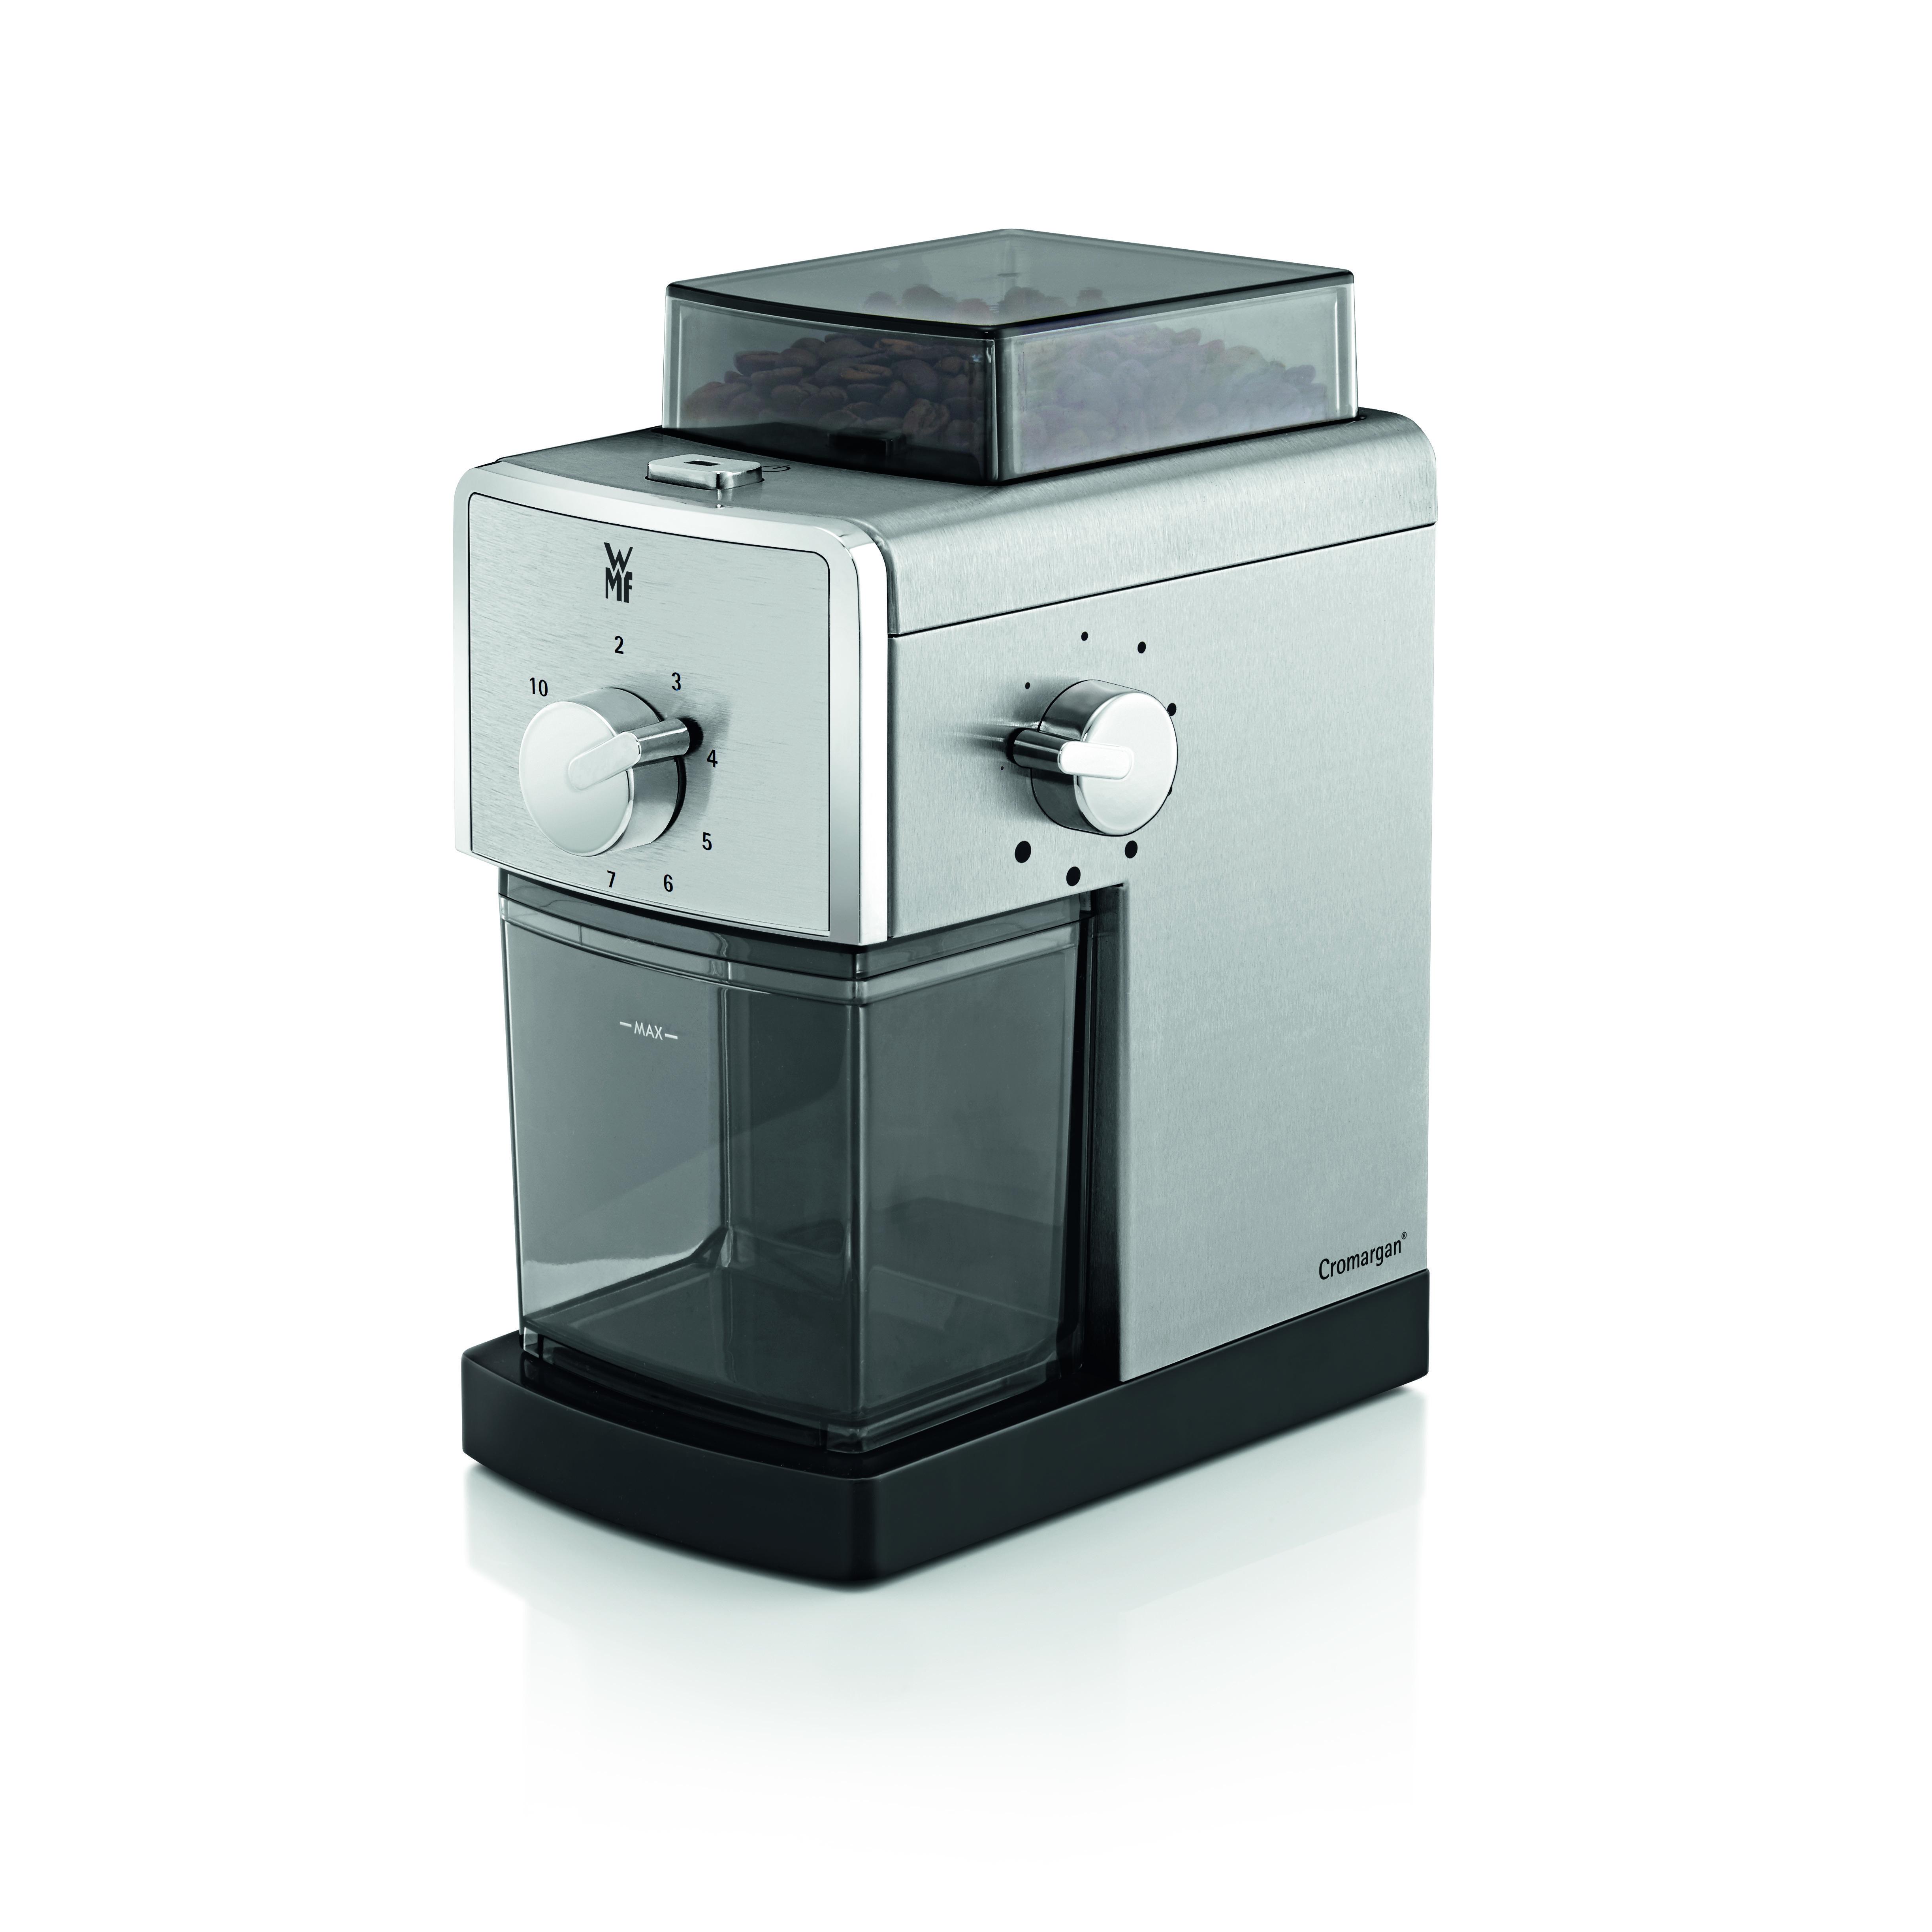 Coffee grinder WMF Stelio Edition